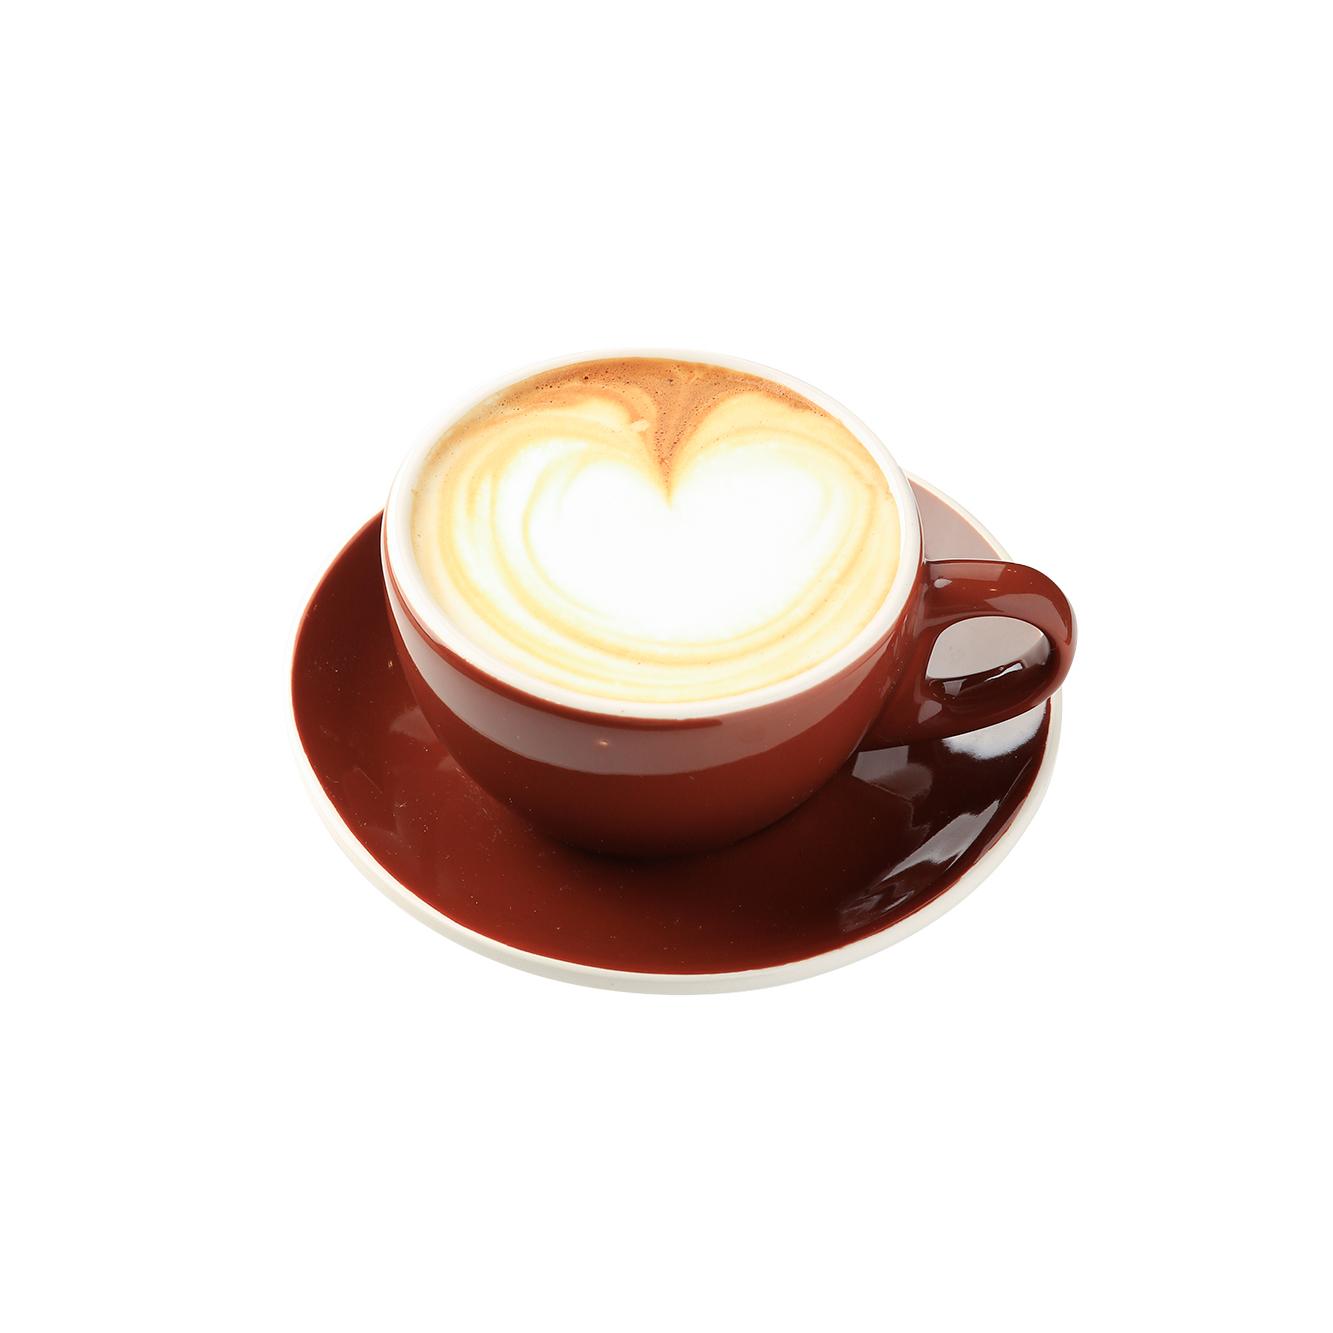 Cappuccino - ¥520